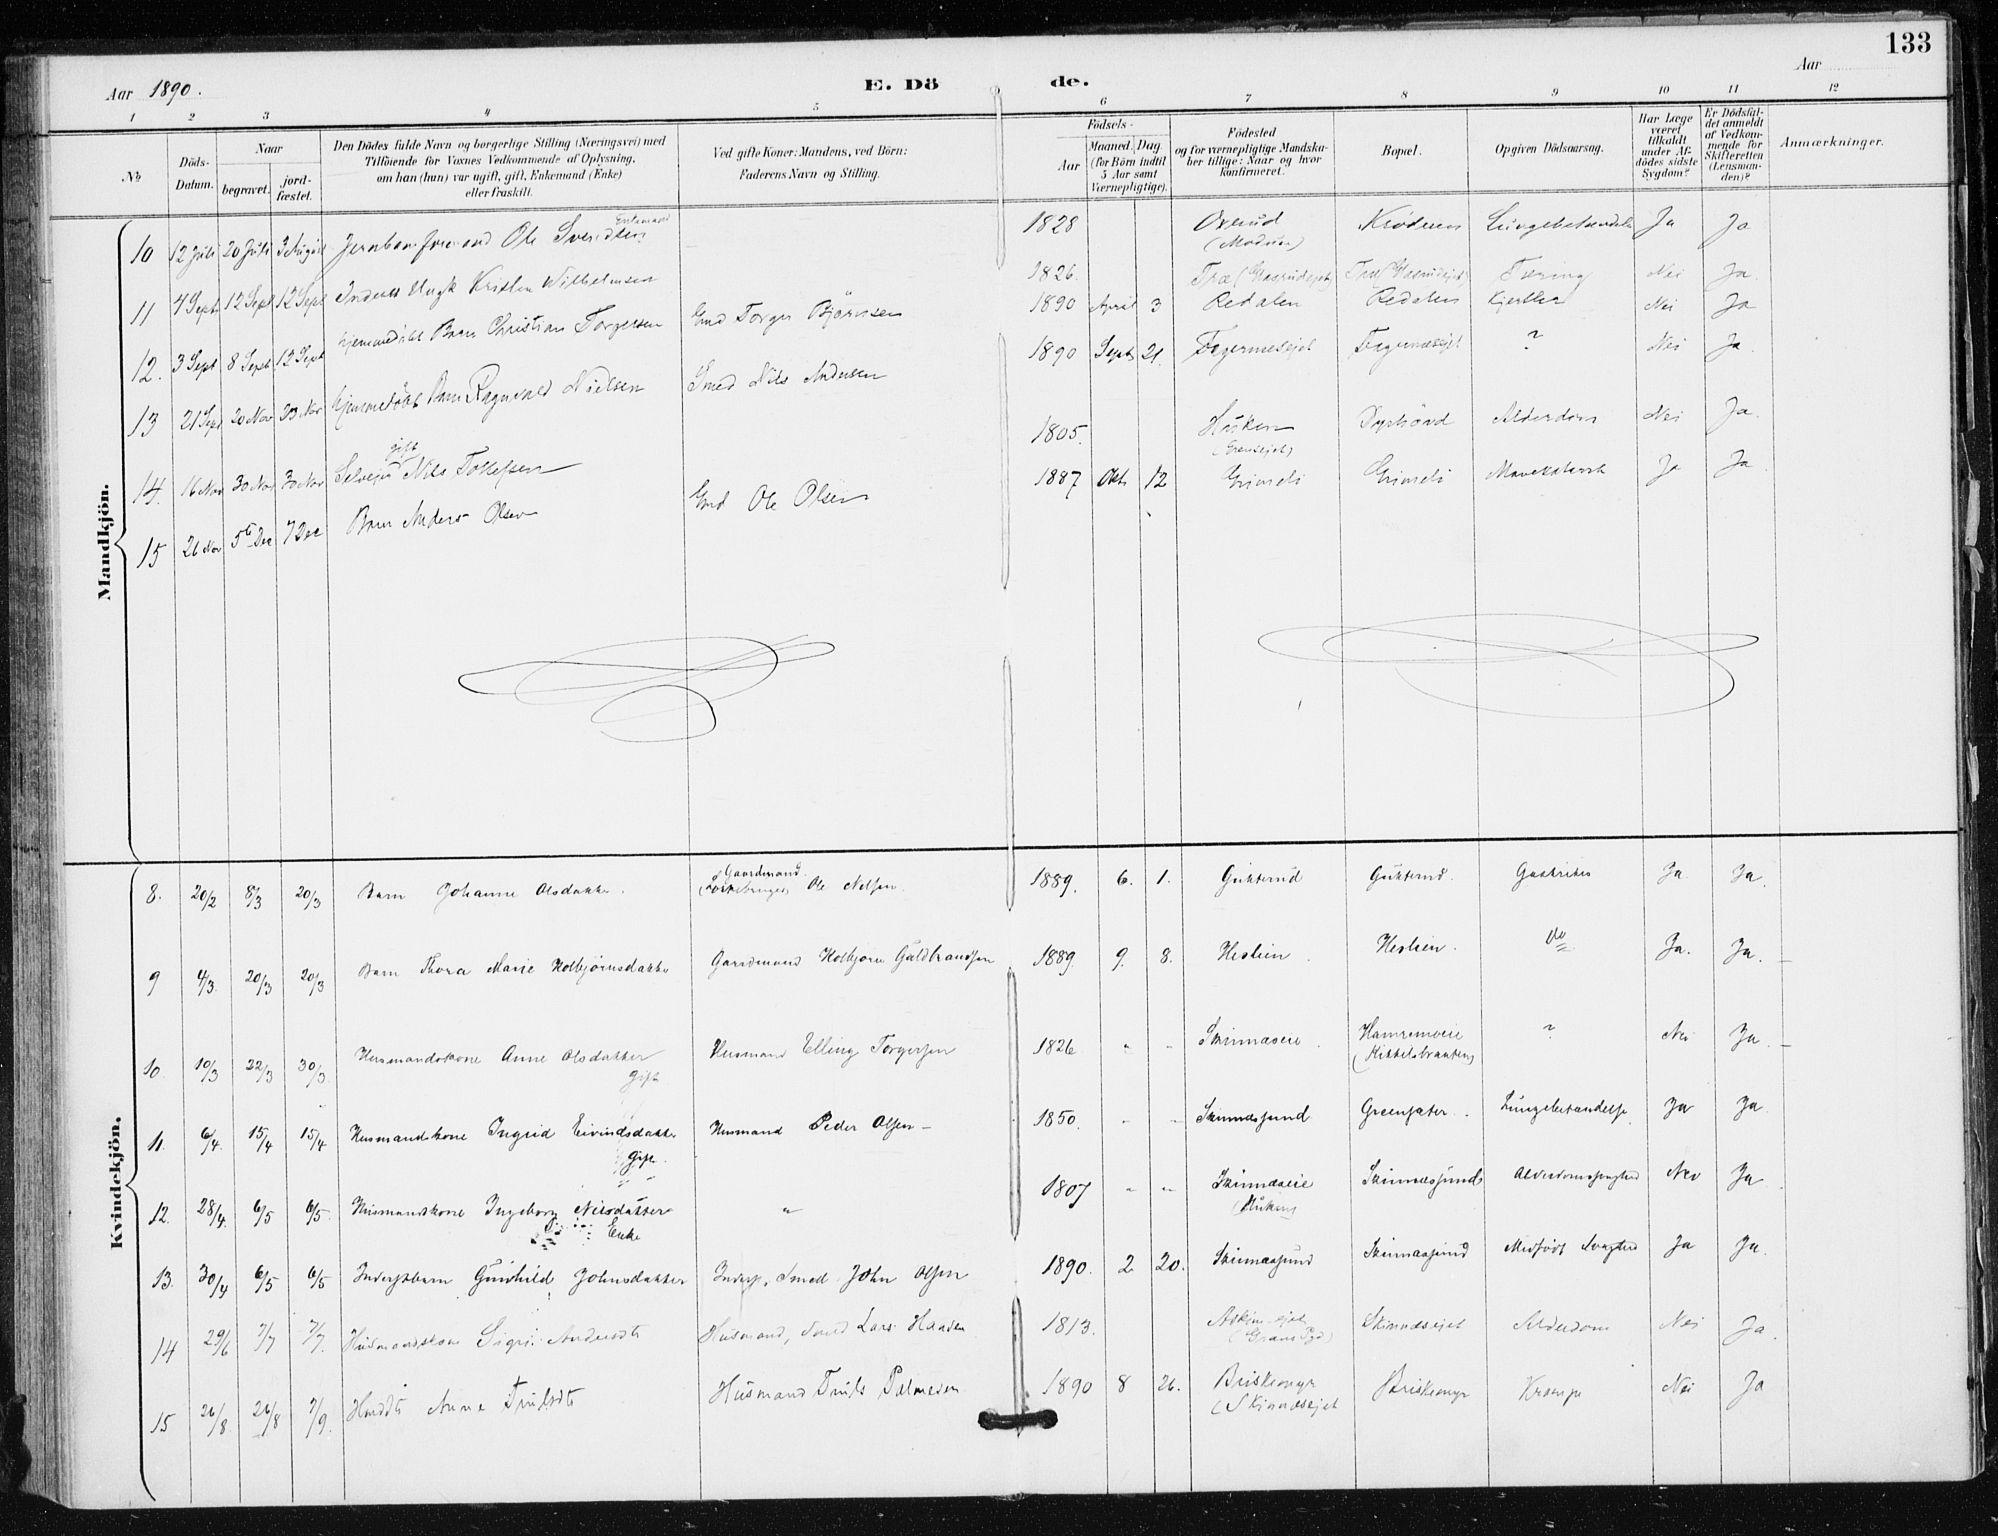 SAKO, Krødsherad kirkebøker, F/Fa/L0006: Ministerialbok nr. 6, 1889-1899, s. 133